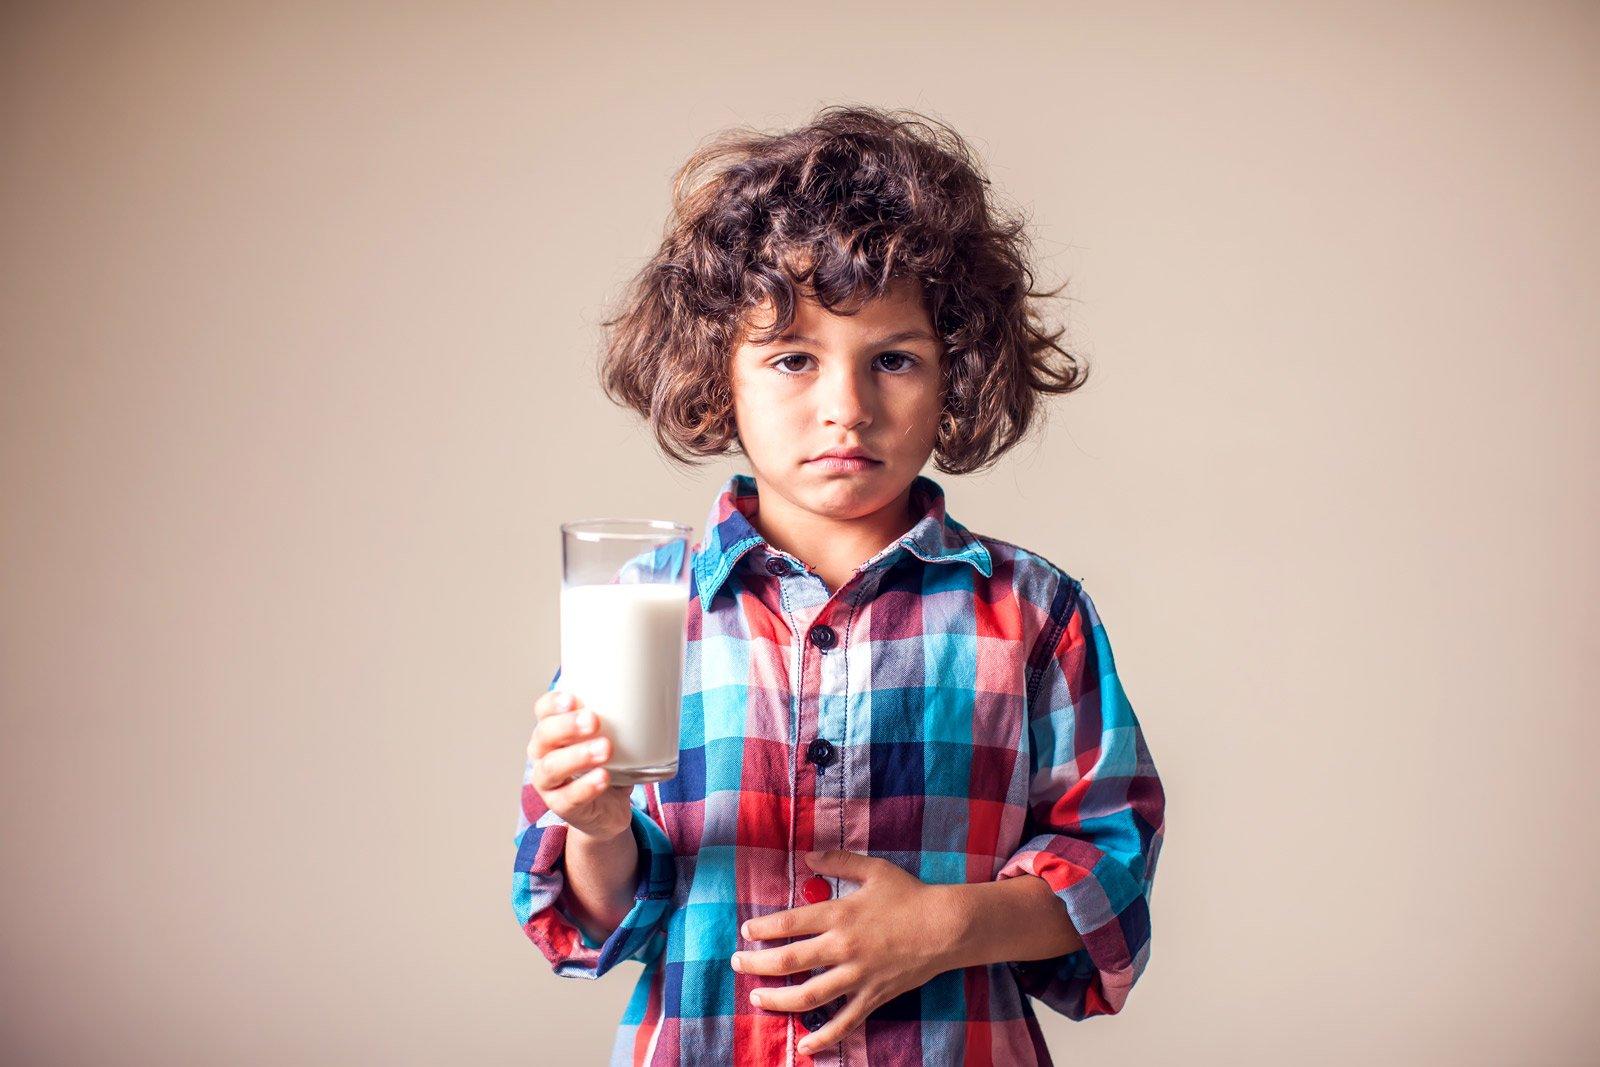 Lebensmittelallergie bei Kindern und wie Kamelmilch unterstützt